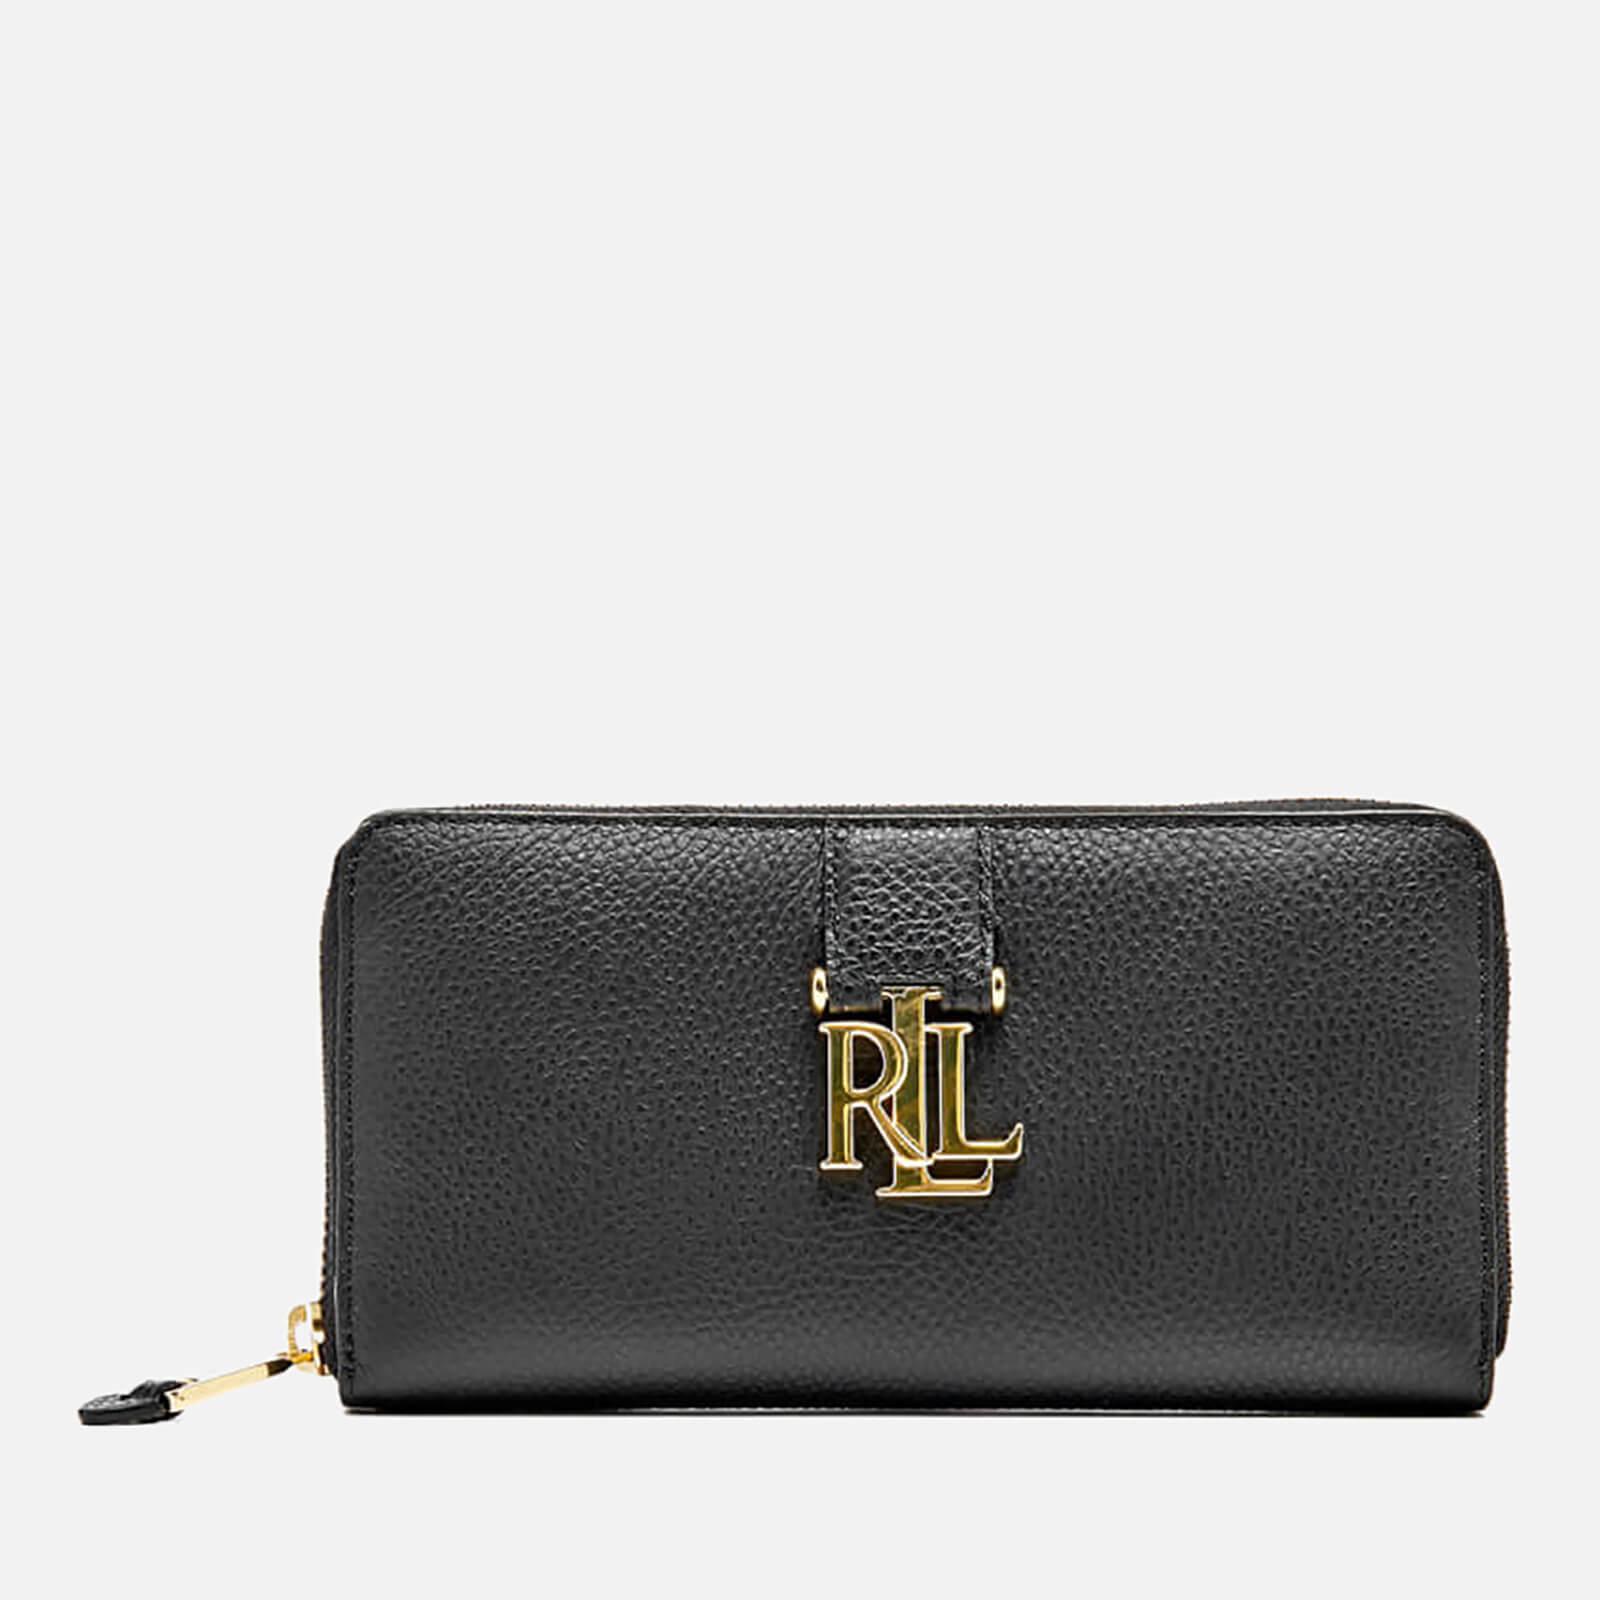 Entdecken elegante Schuhe beste Seite Lauren Ralph Lauren Women's Carrington Zip Wallet - Black